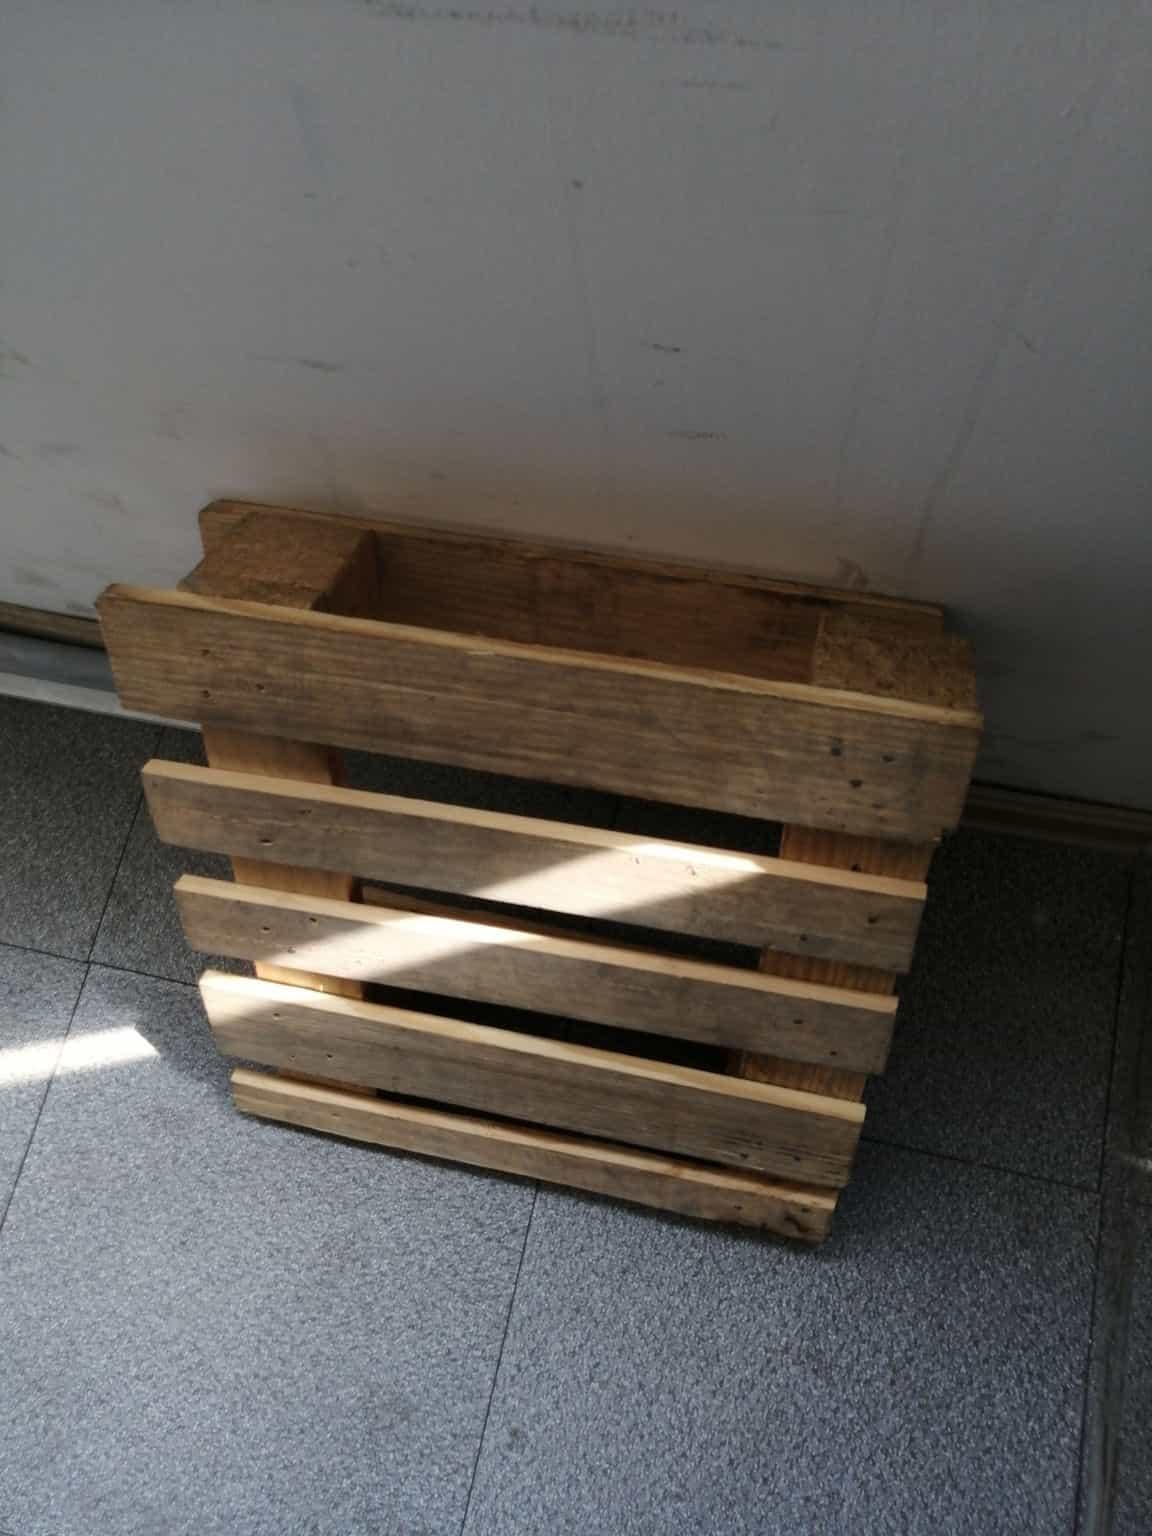 天津优质木托盘厂家报价推荐山东雨真木业旗下铝扣板专